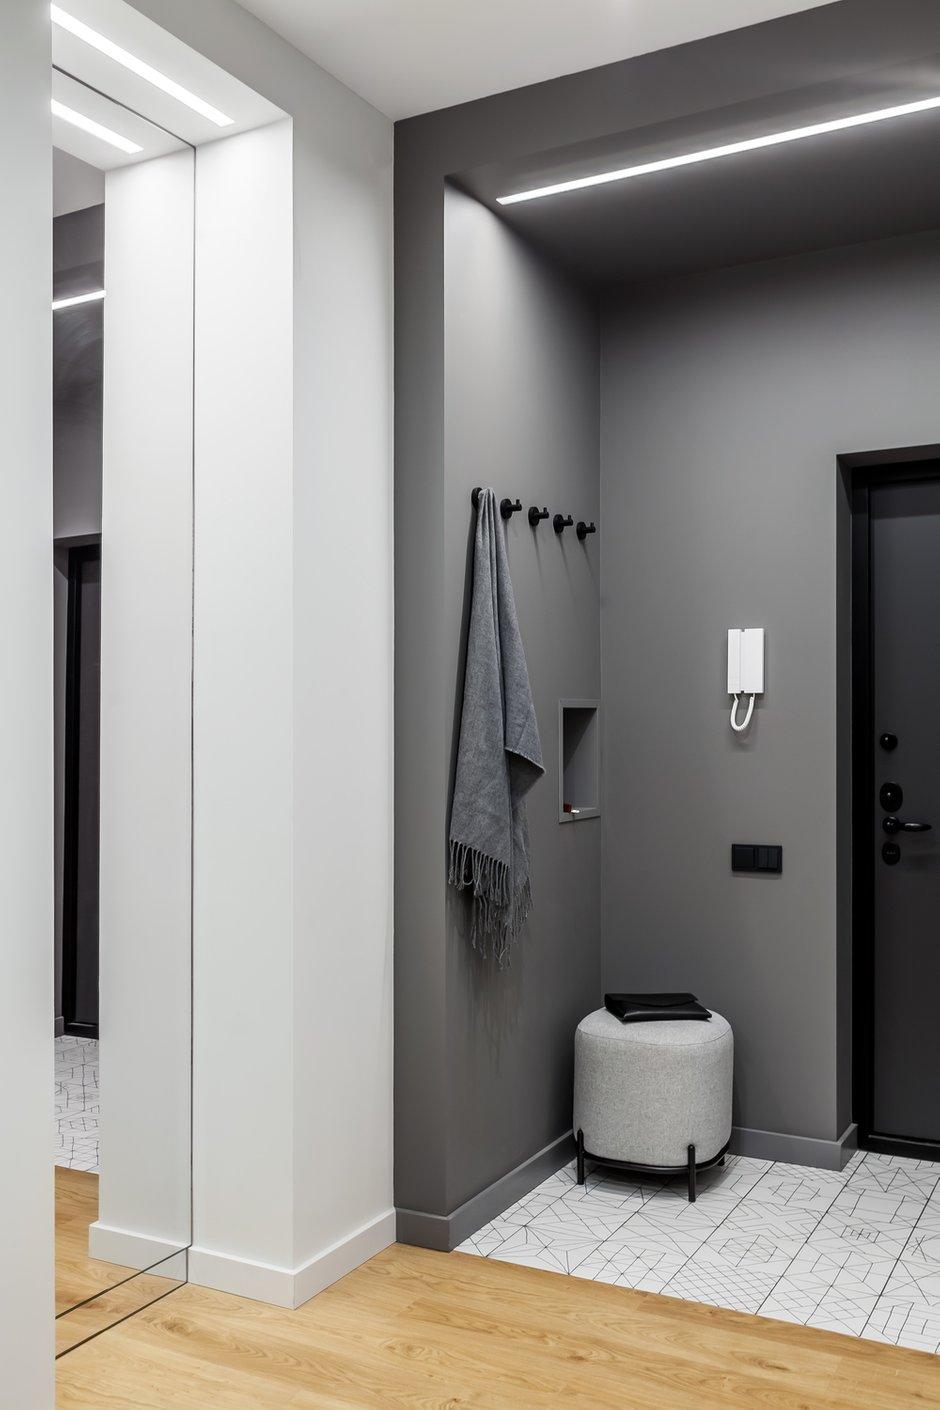 Фотография: Прихожая в стиле Минимализм, Современный, Квартира, Проект недели, Химки, 3 комнаты, 60-90 метров, Flatforfox – фото на INMYROOM